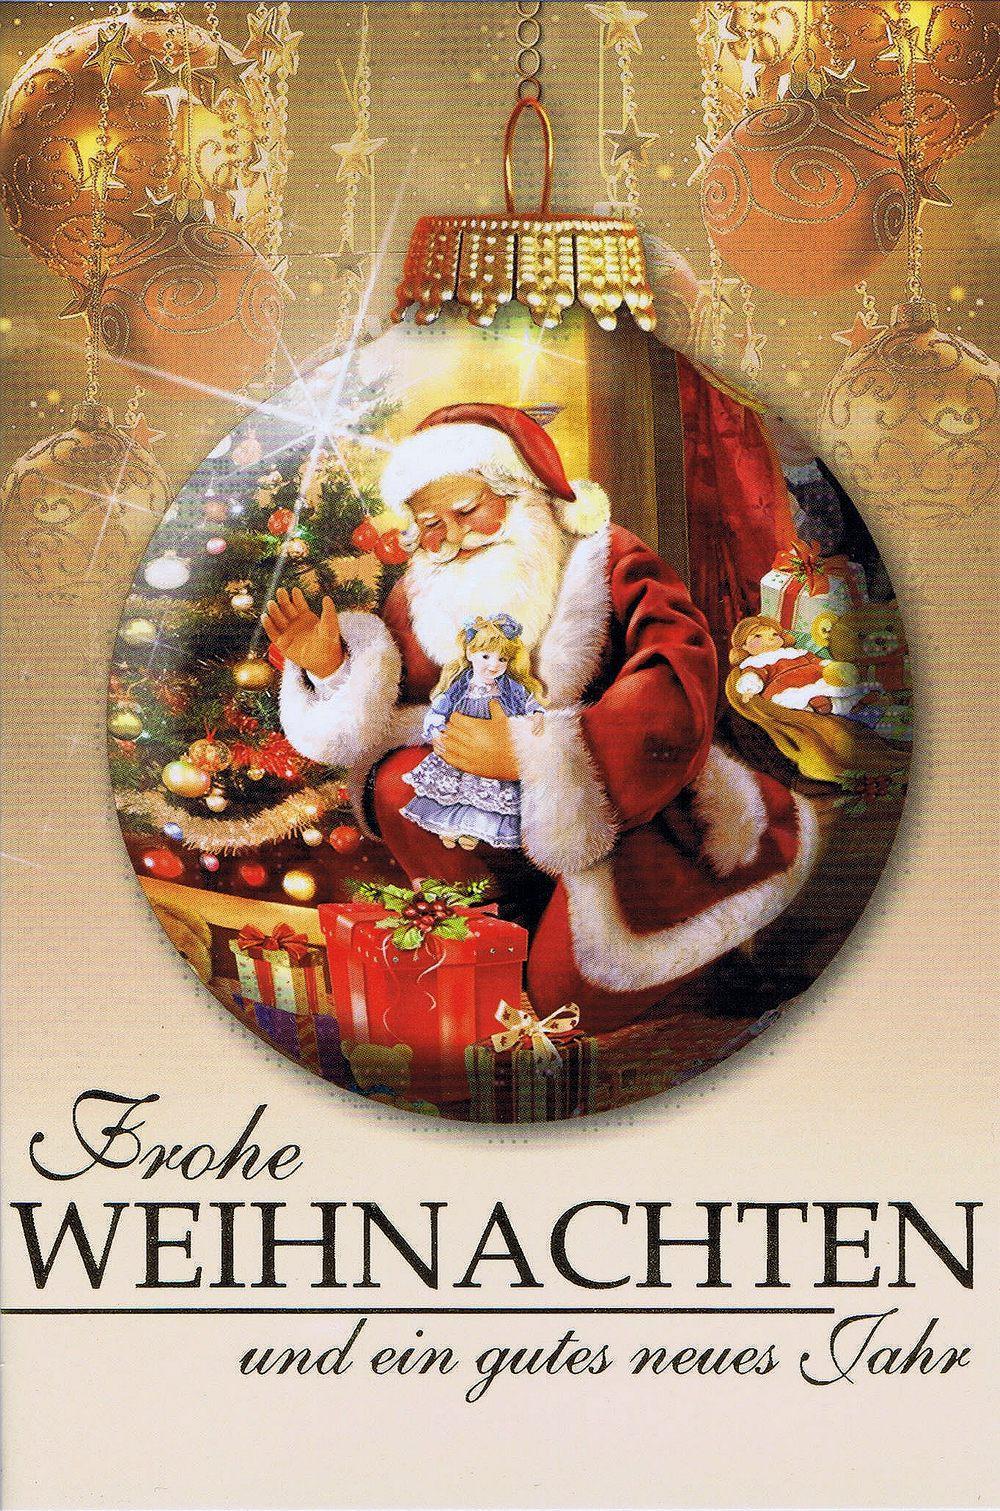 weihnachtskarte weihnachtsw nsche mit neujahrsw nsche 224314